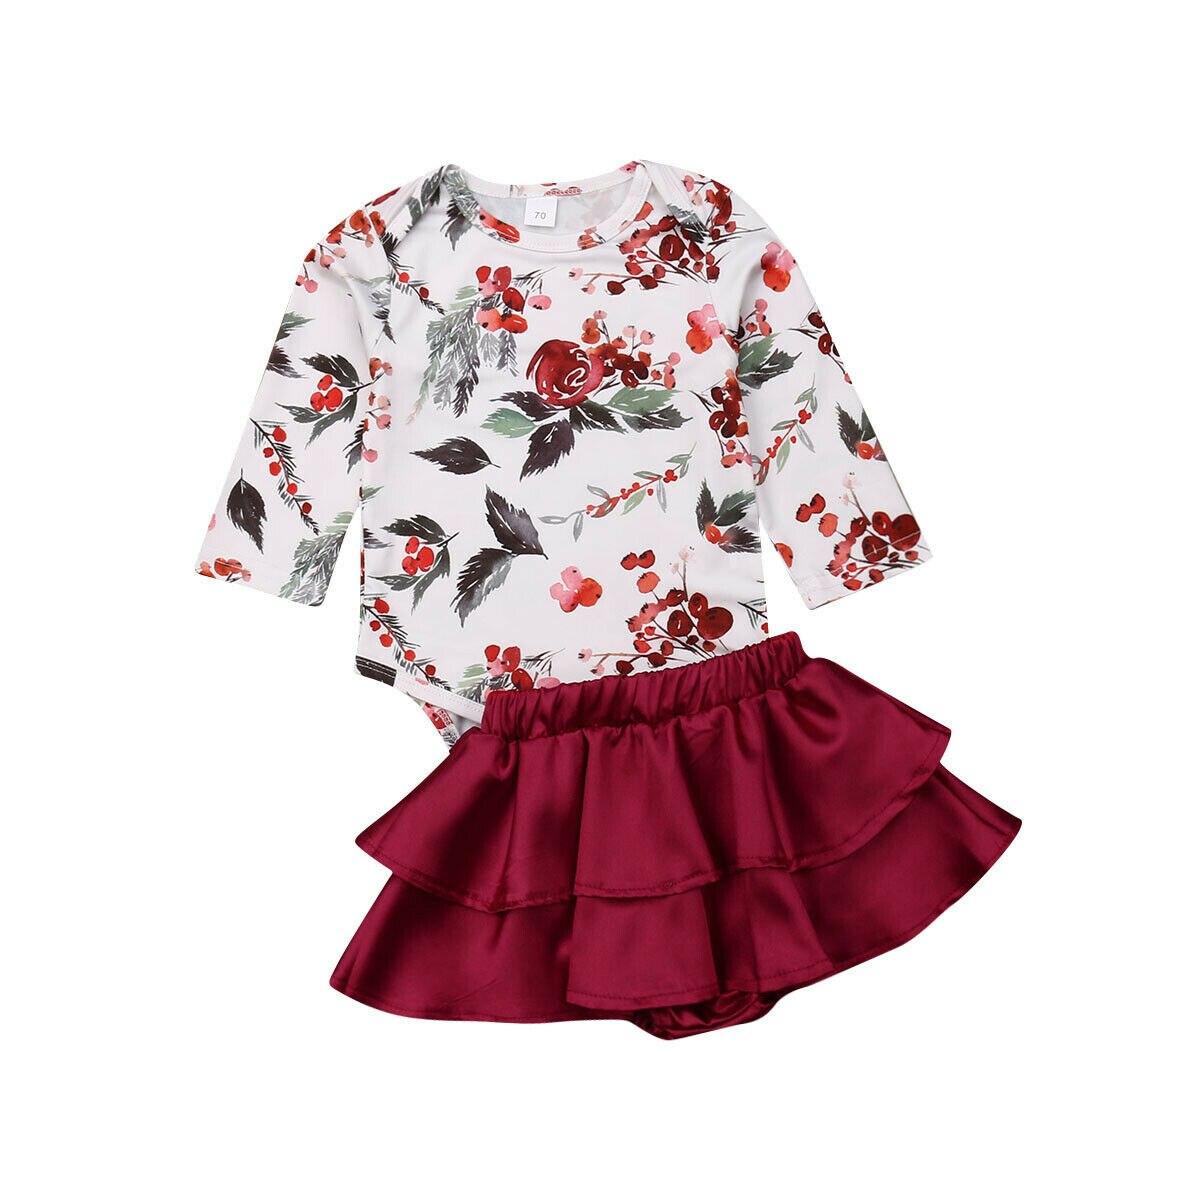 0-18 M Nette Neugeborene Baby Mädchen Langarm Blumen Body Tops Tutu Layered Umsäumte Shorts 2 Pcs Prinzessin Mädchen Kleidung